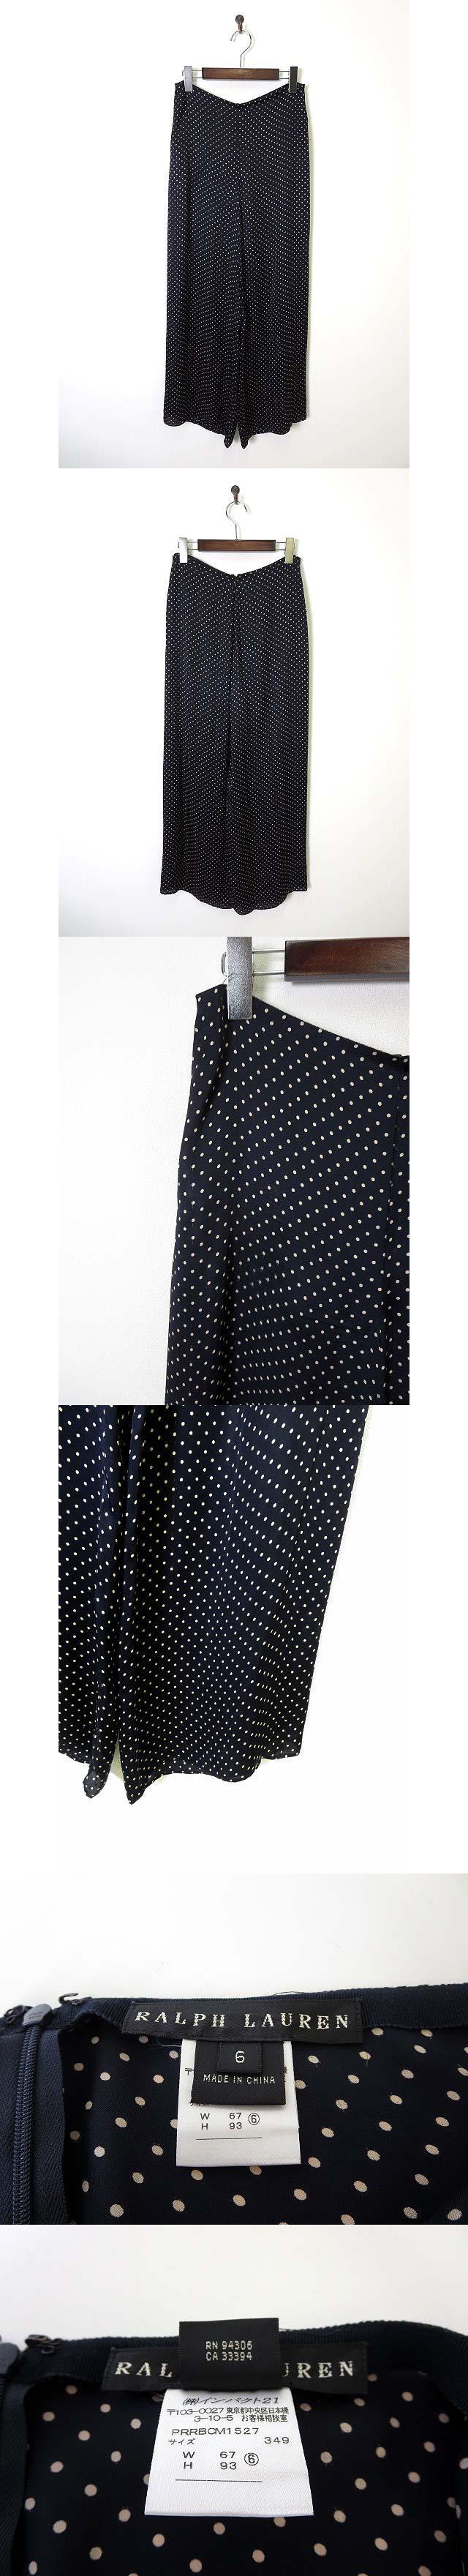 パンツ ワイド シルク 絹100% 水玉ドット柄 6 L 紺 ネイビー 国内正規品